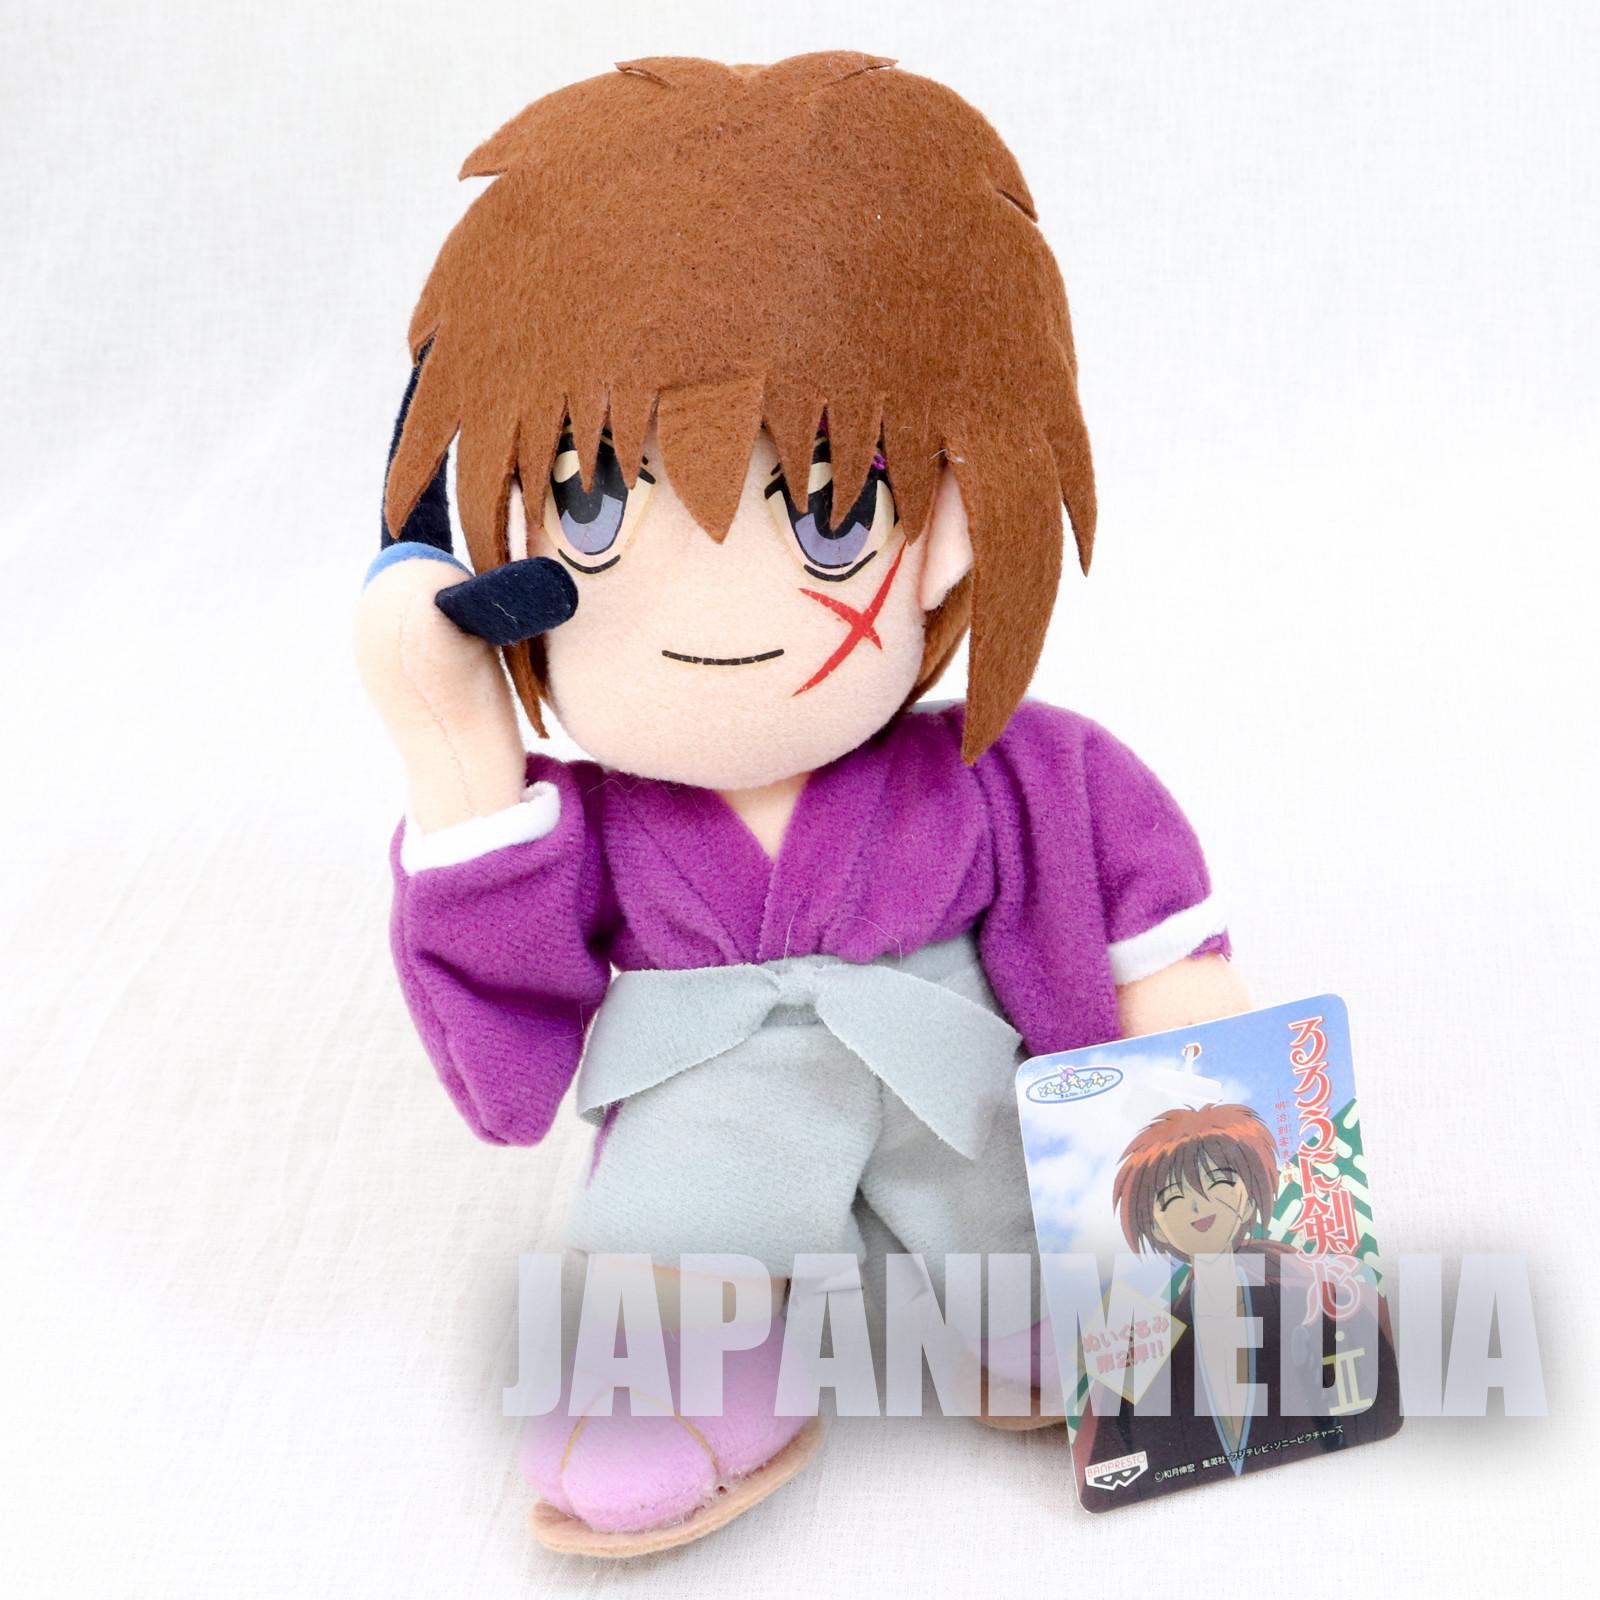 Rurouni Kenshin Himura Kenshin Plush Doll JAPAN ANIME MANGA 2